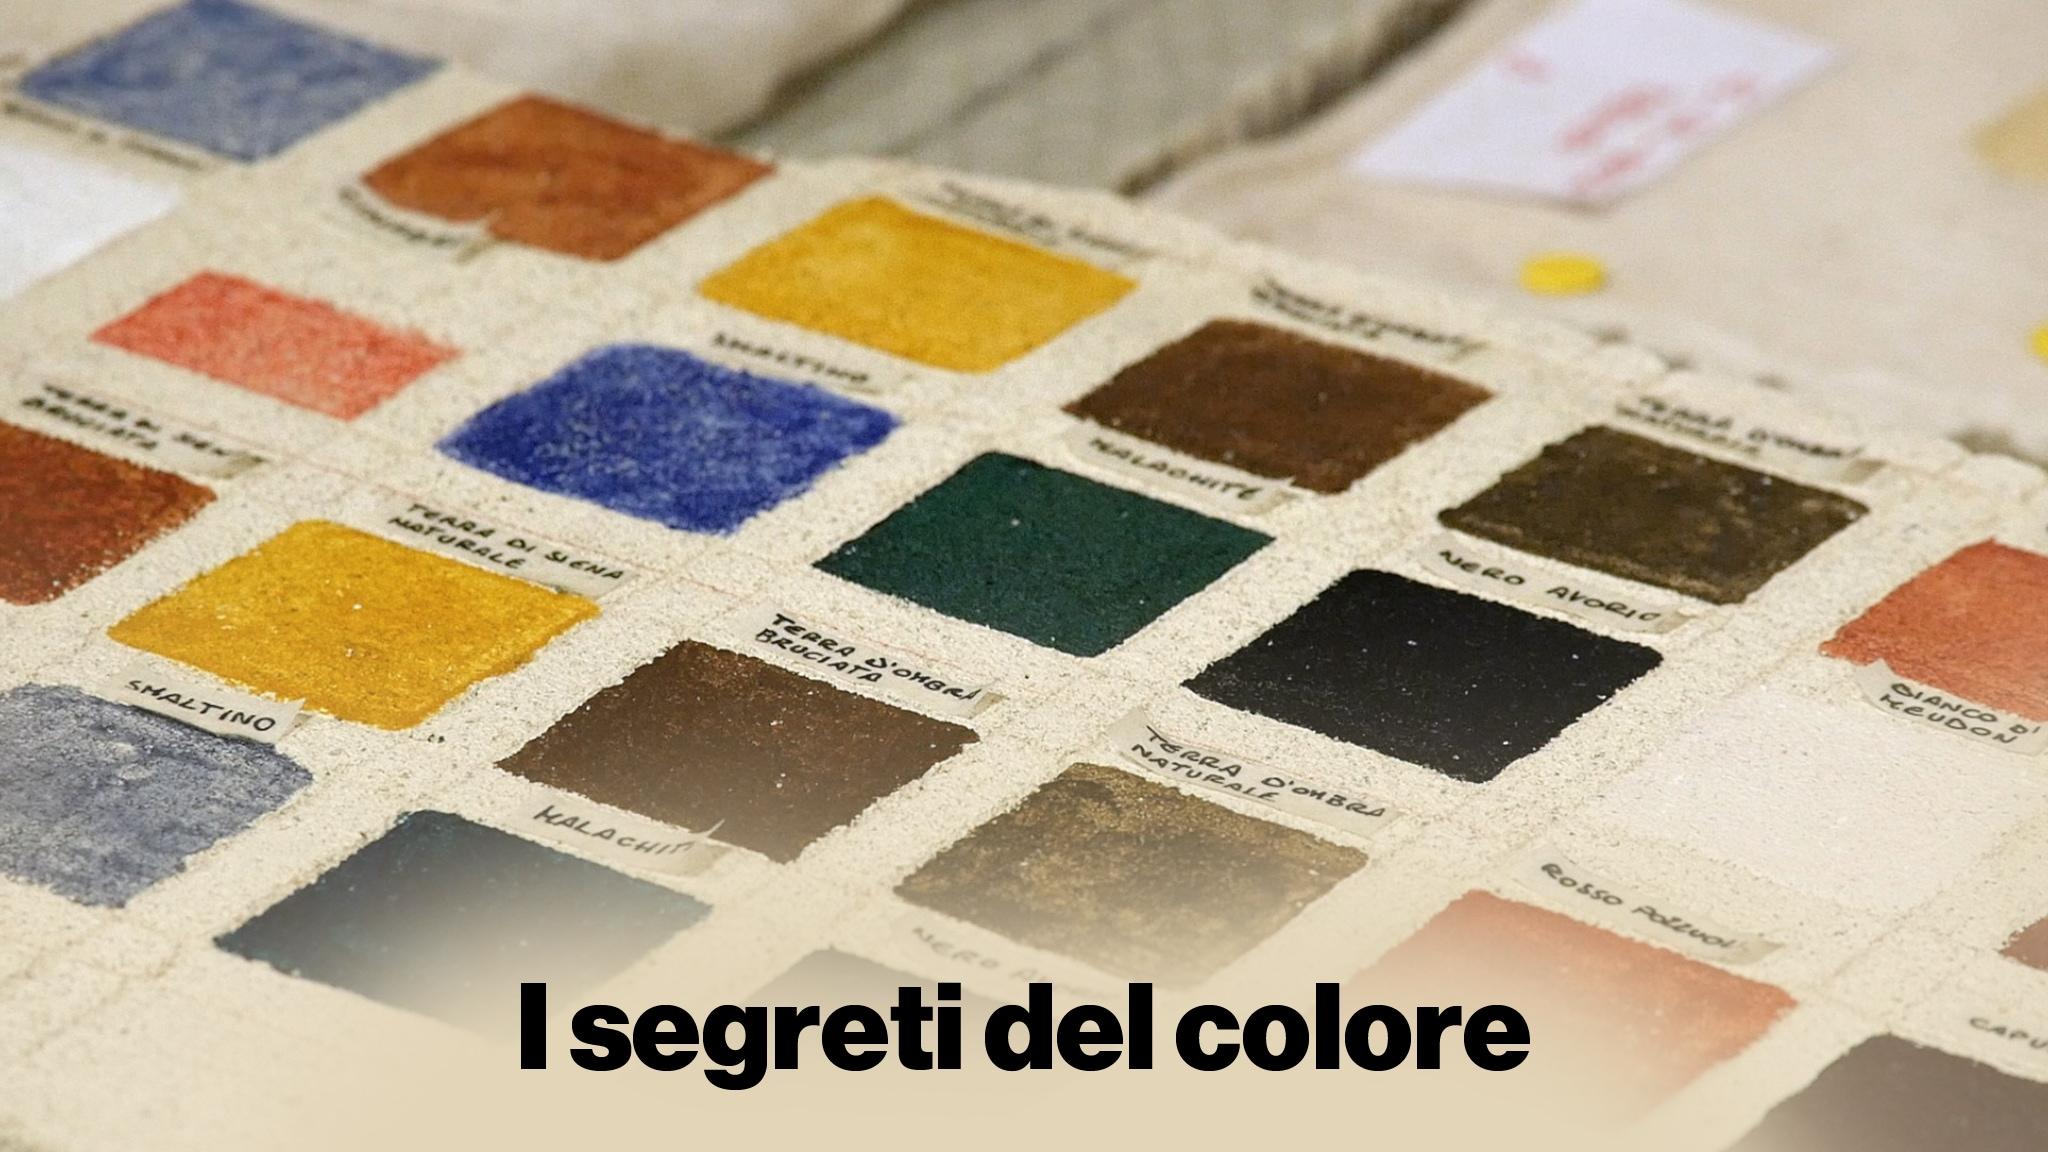 Rai Scuola I segreti del colore Dal modello al muro Replica